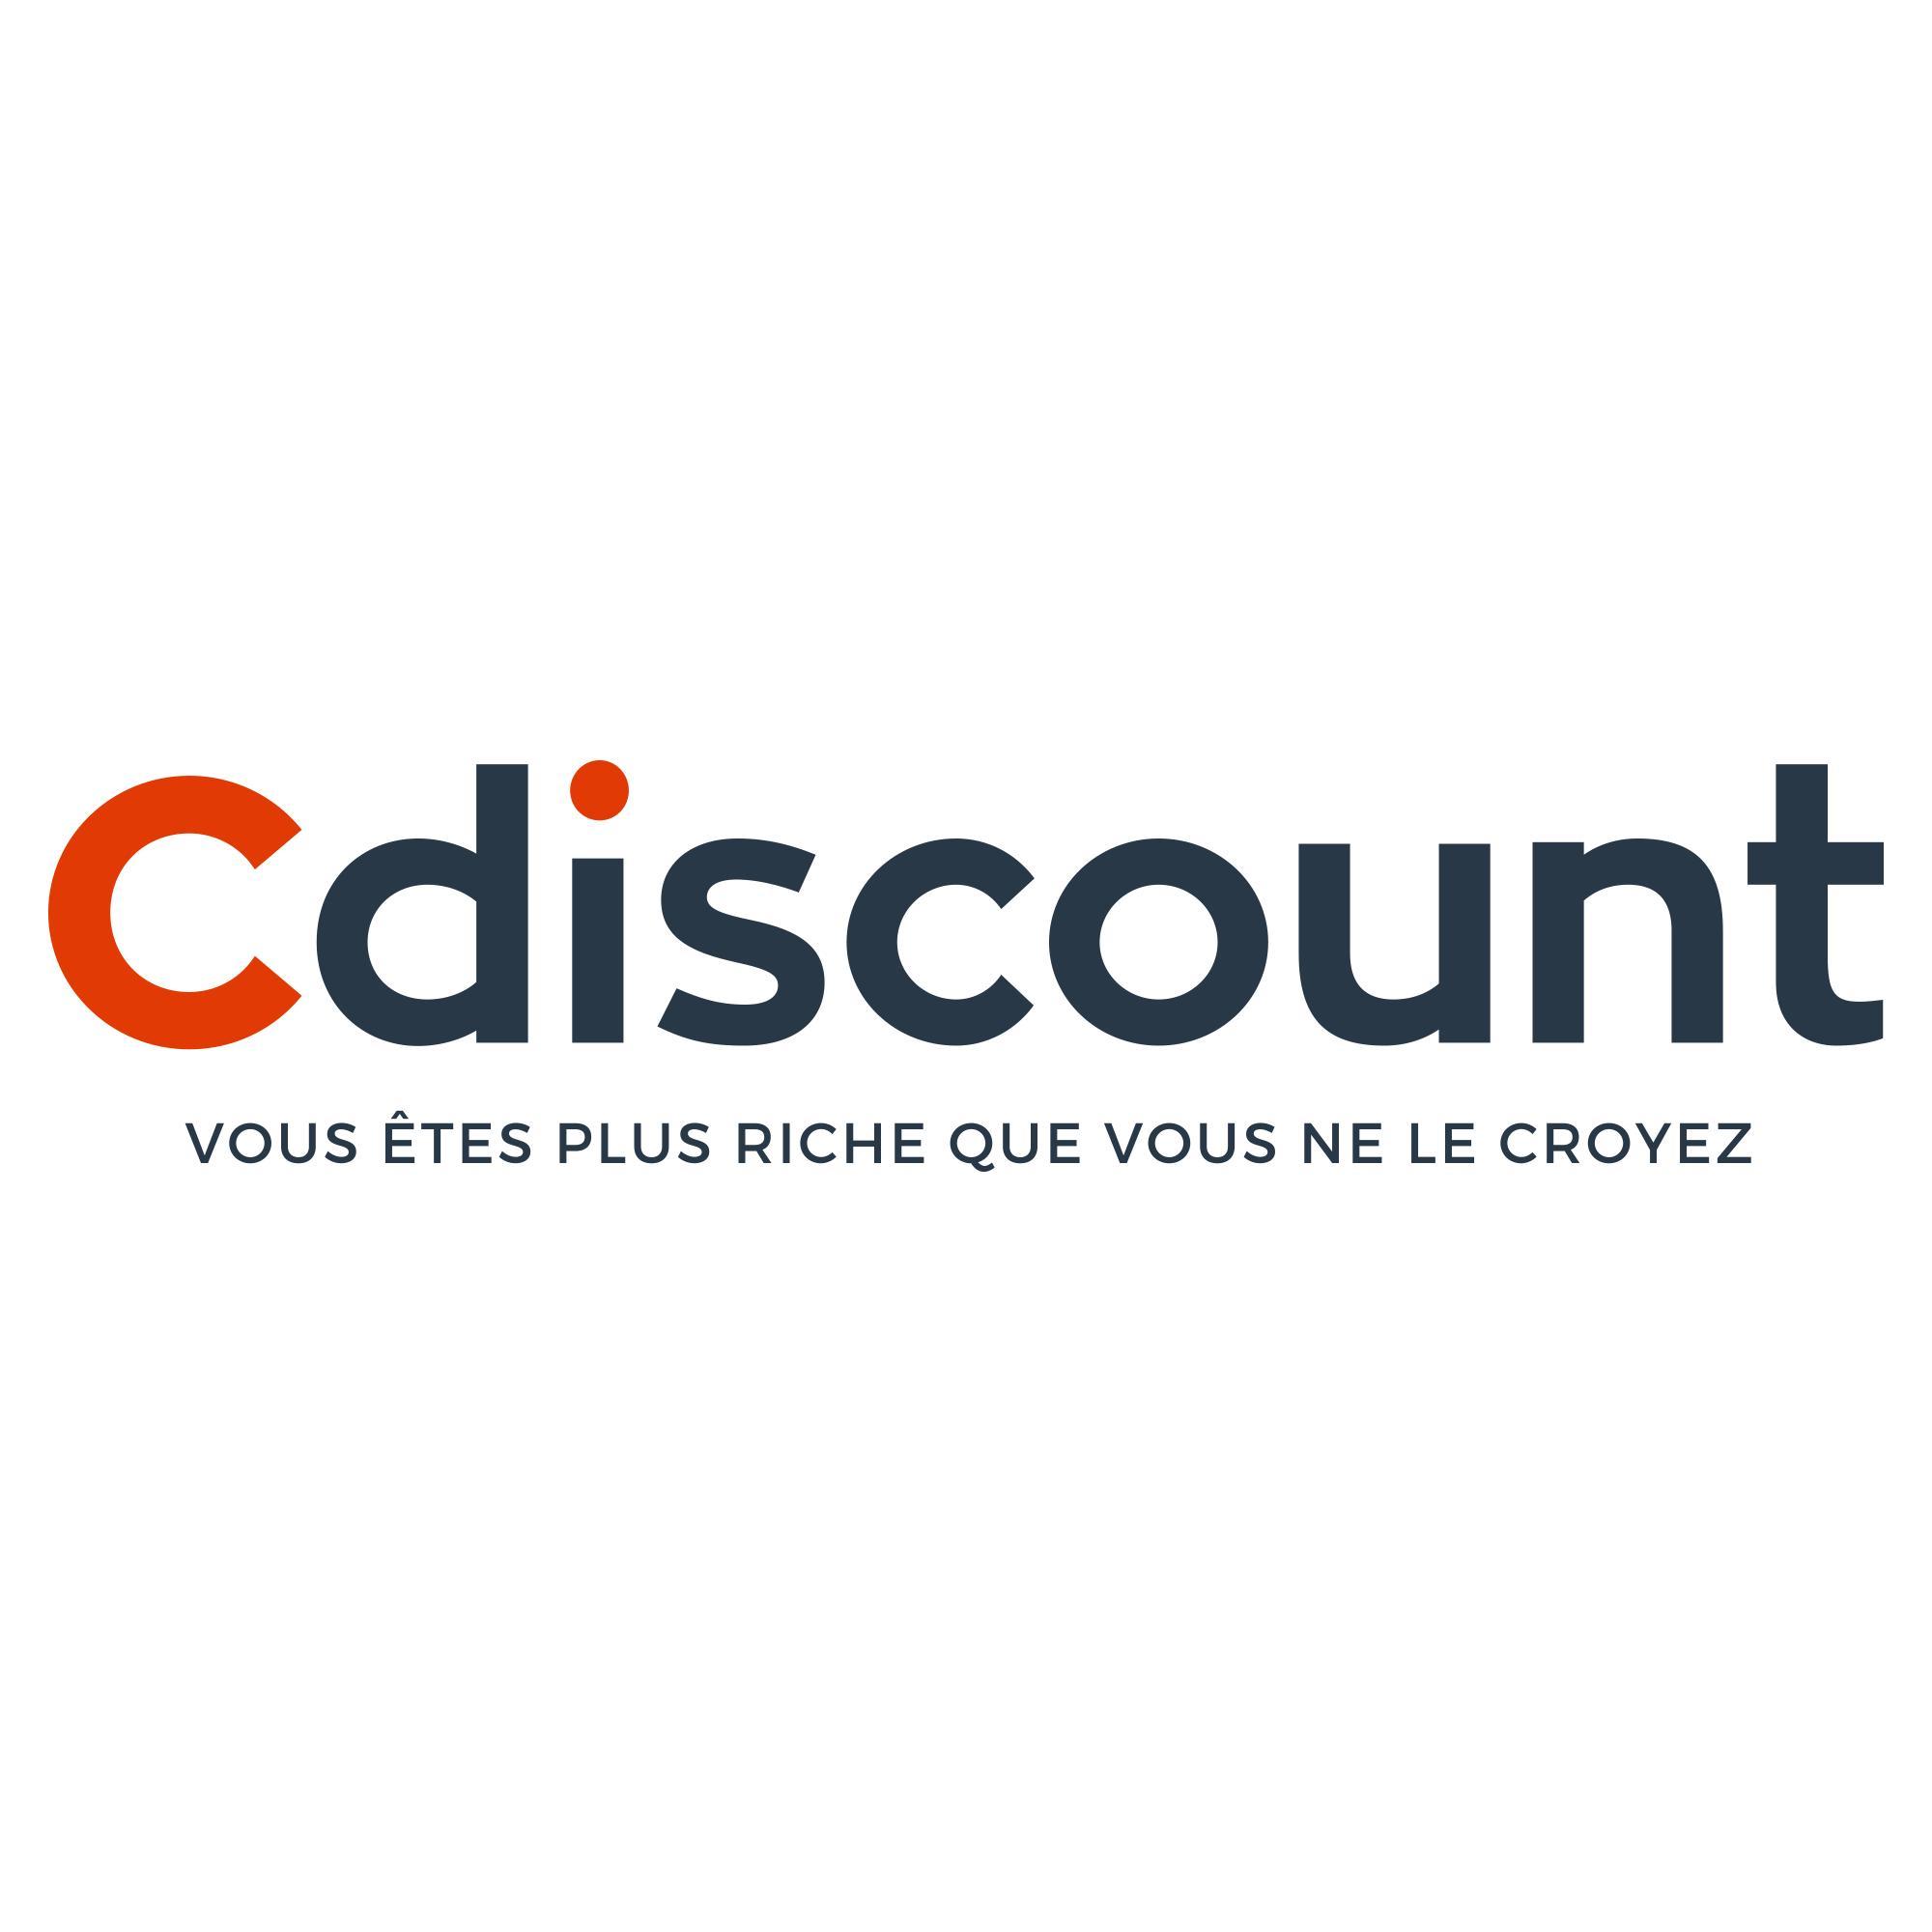 [Cdiscount à Volonté] 50€ de réduction dès 399€ d'achat et 25€ dès 199€ d'achat